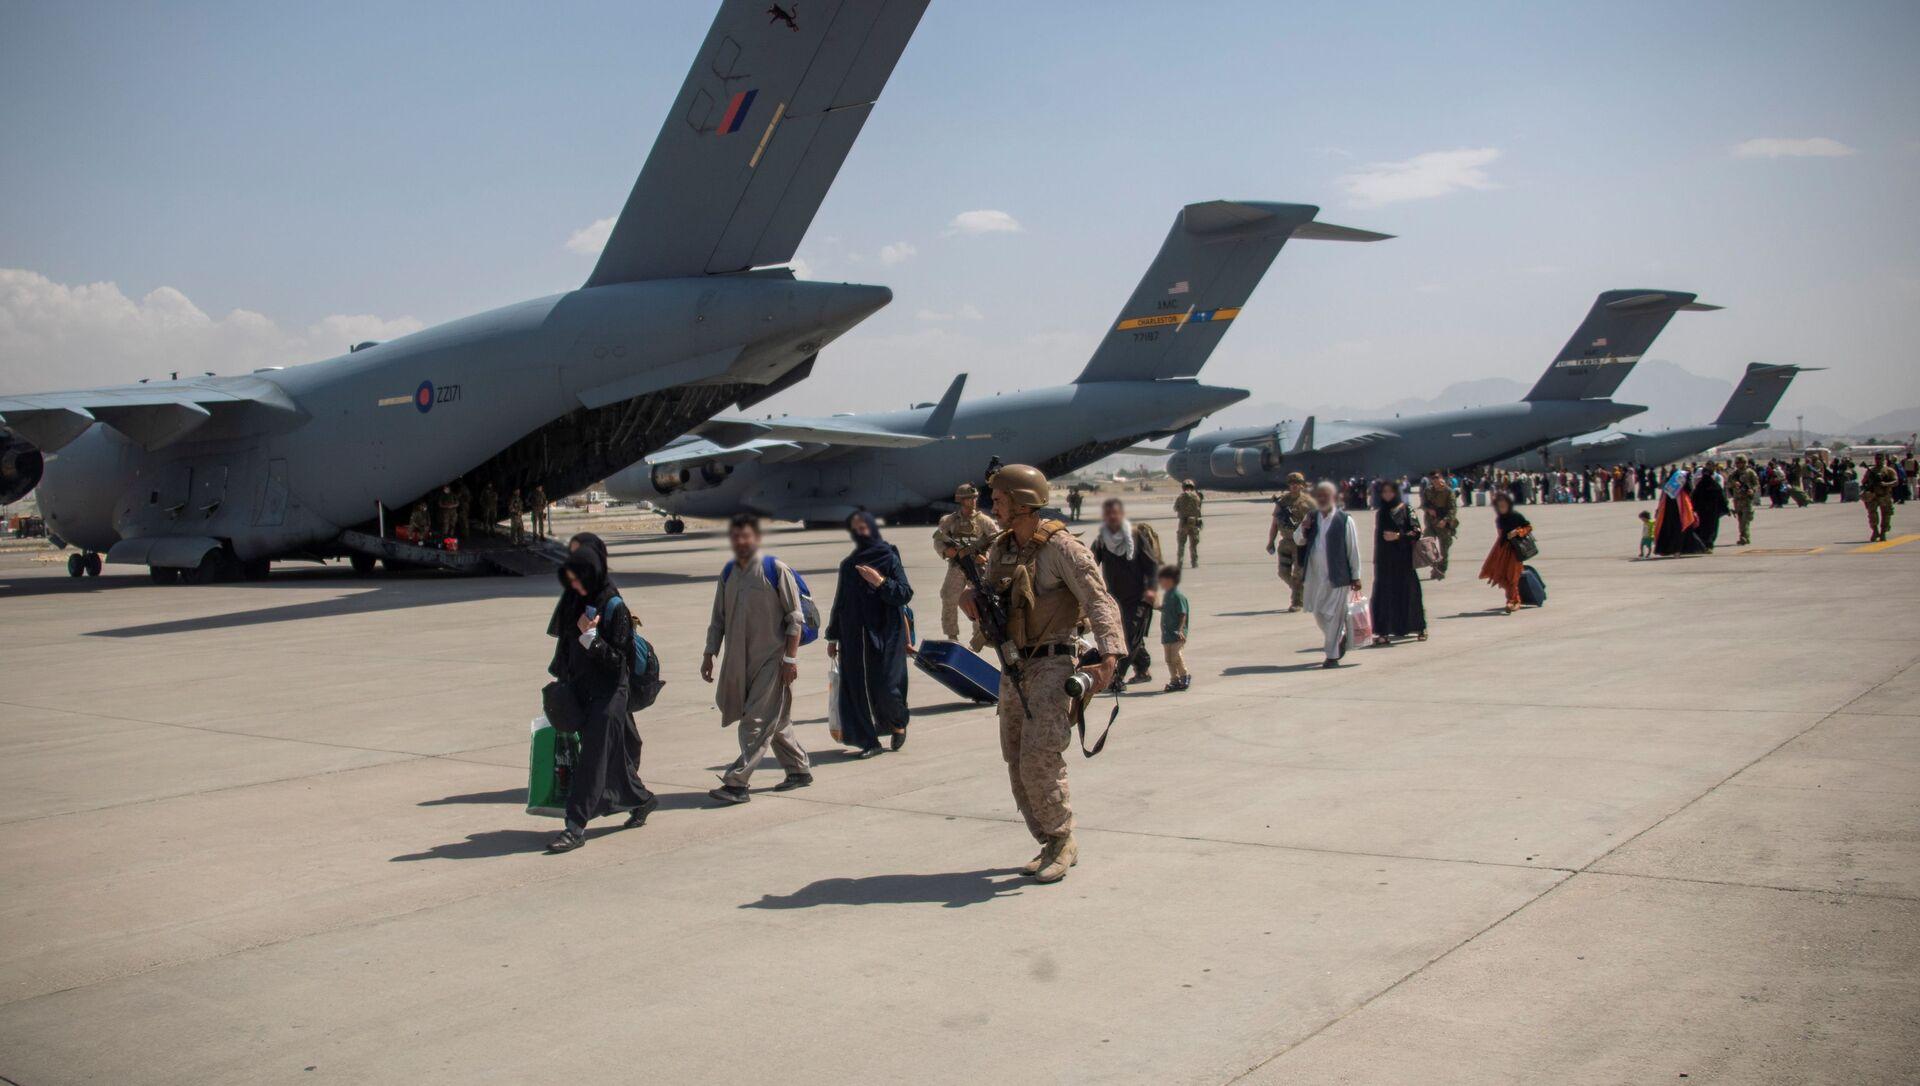 l'évacuation des civils afghans depuis Kaboul (image d'illustration) - Sputnik France, 1920, 24.08.2021